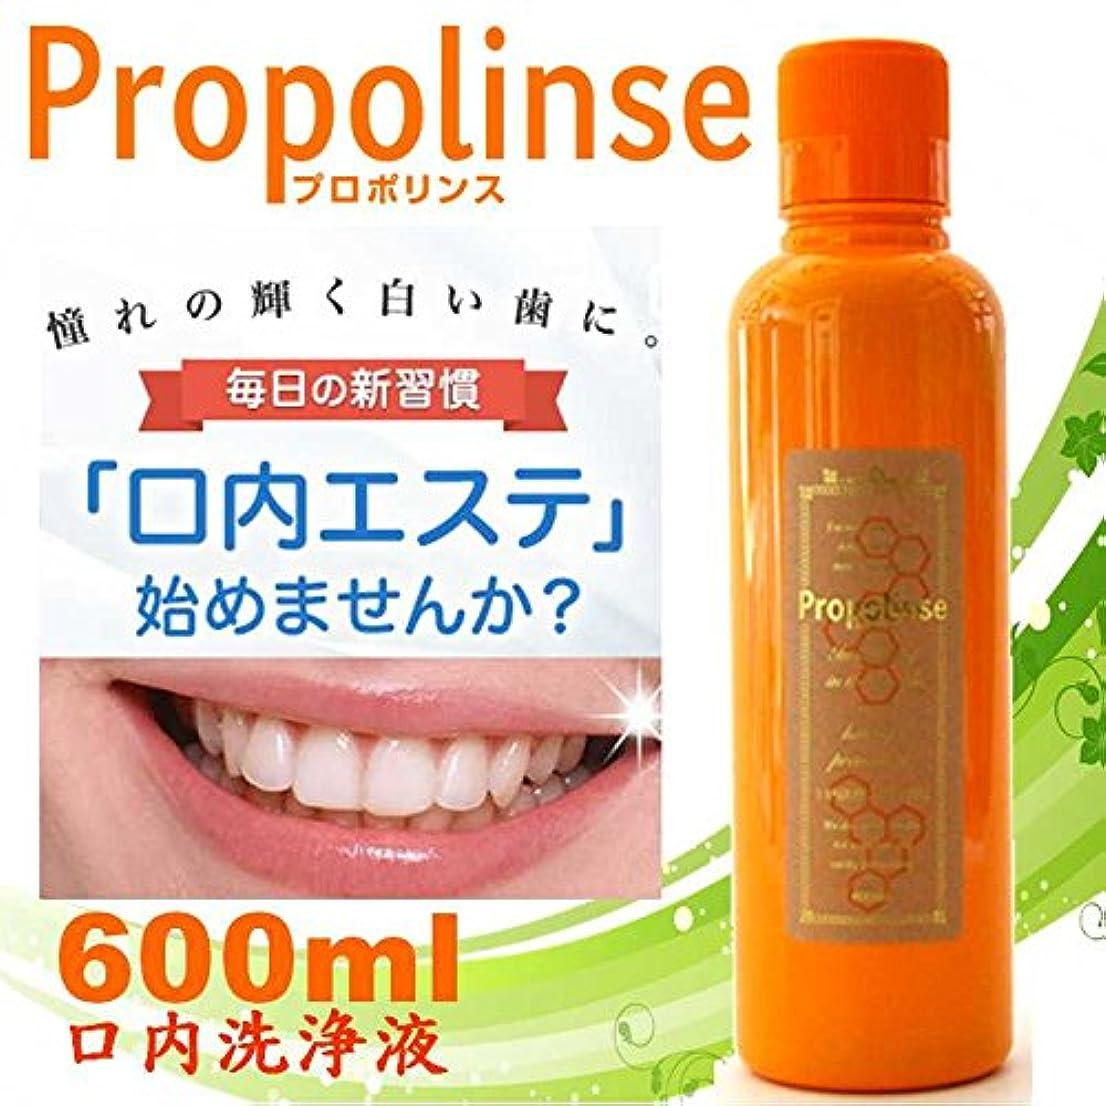 ズボン目的Propolinse プロポリンス 600ml×30本 洗口液 口内洗浄